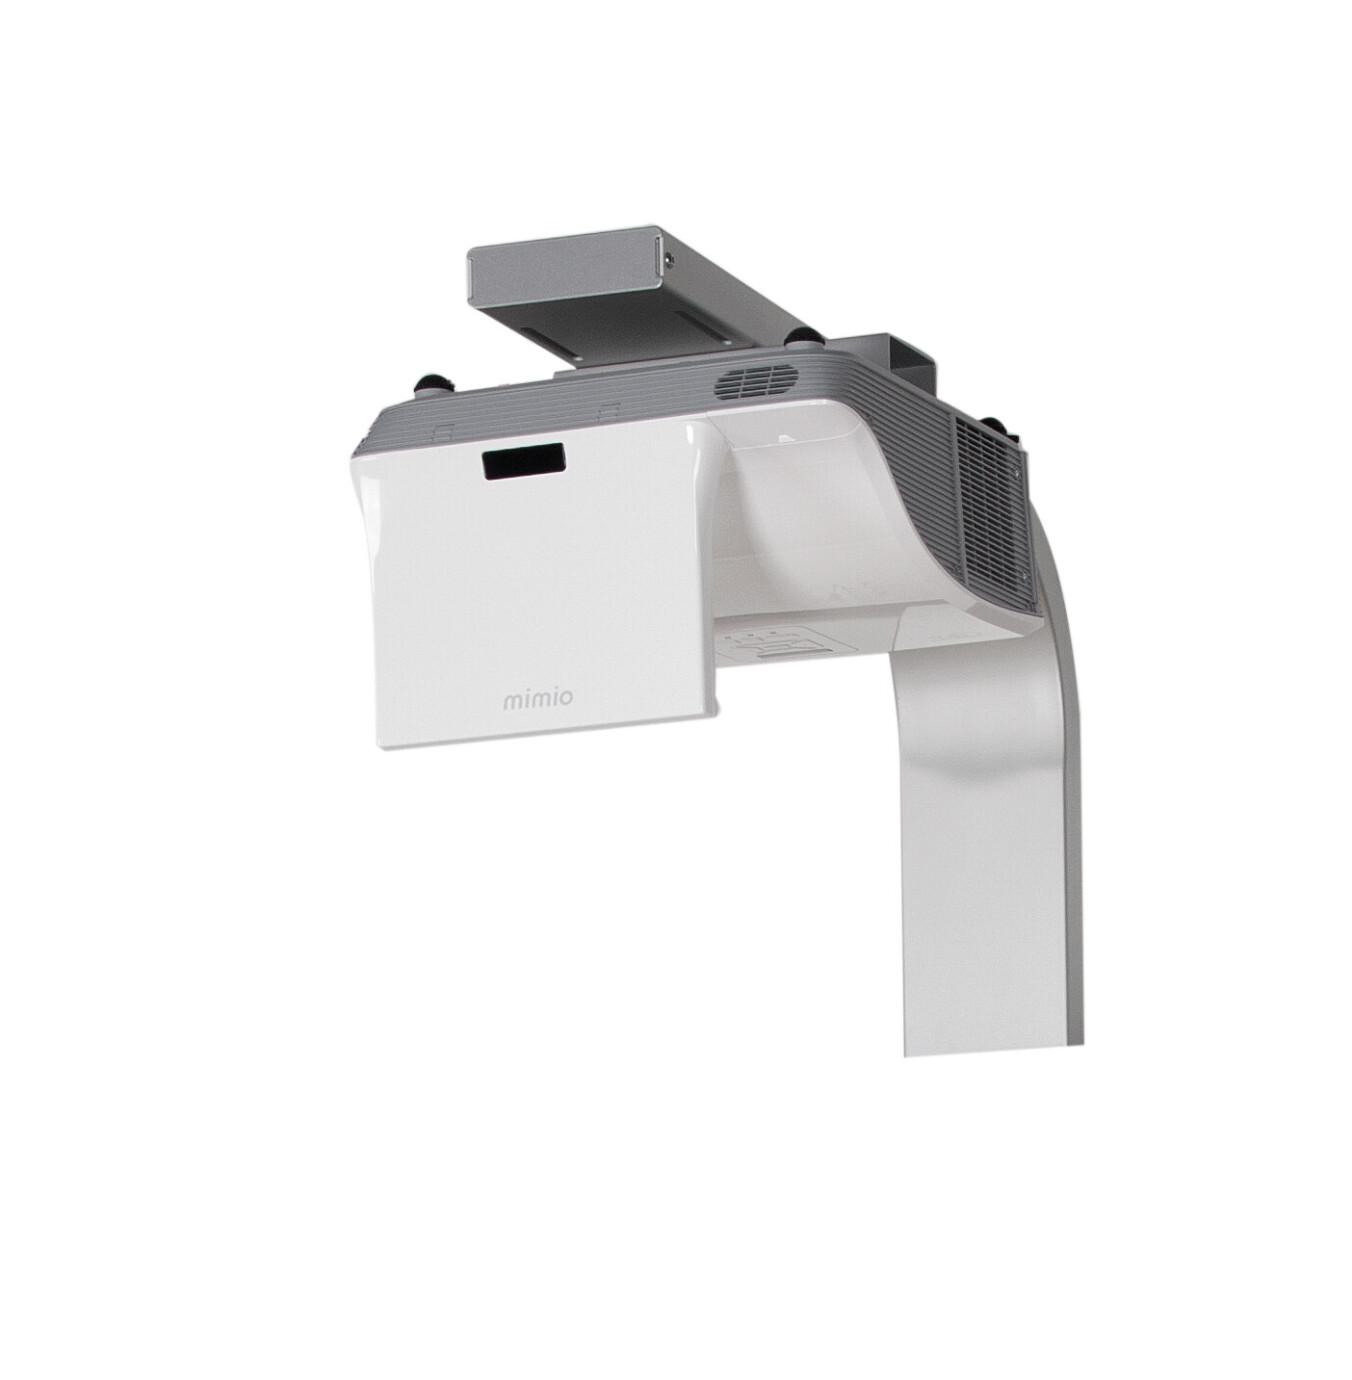 mimio Proiettore a focale ultra-corta